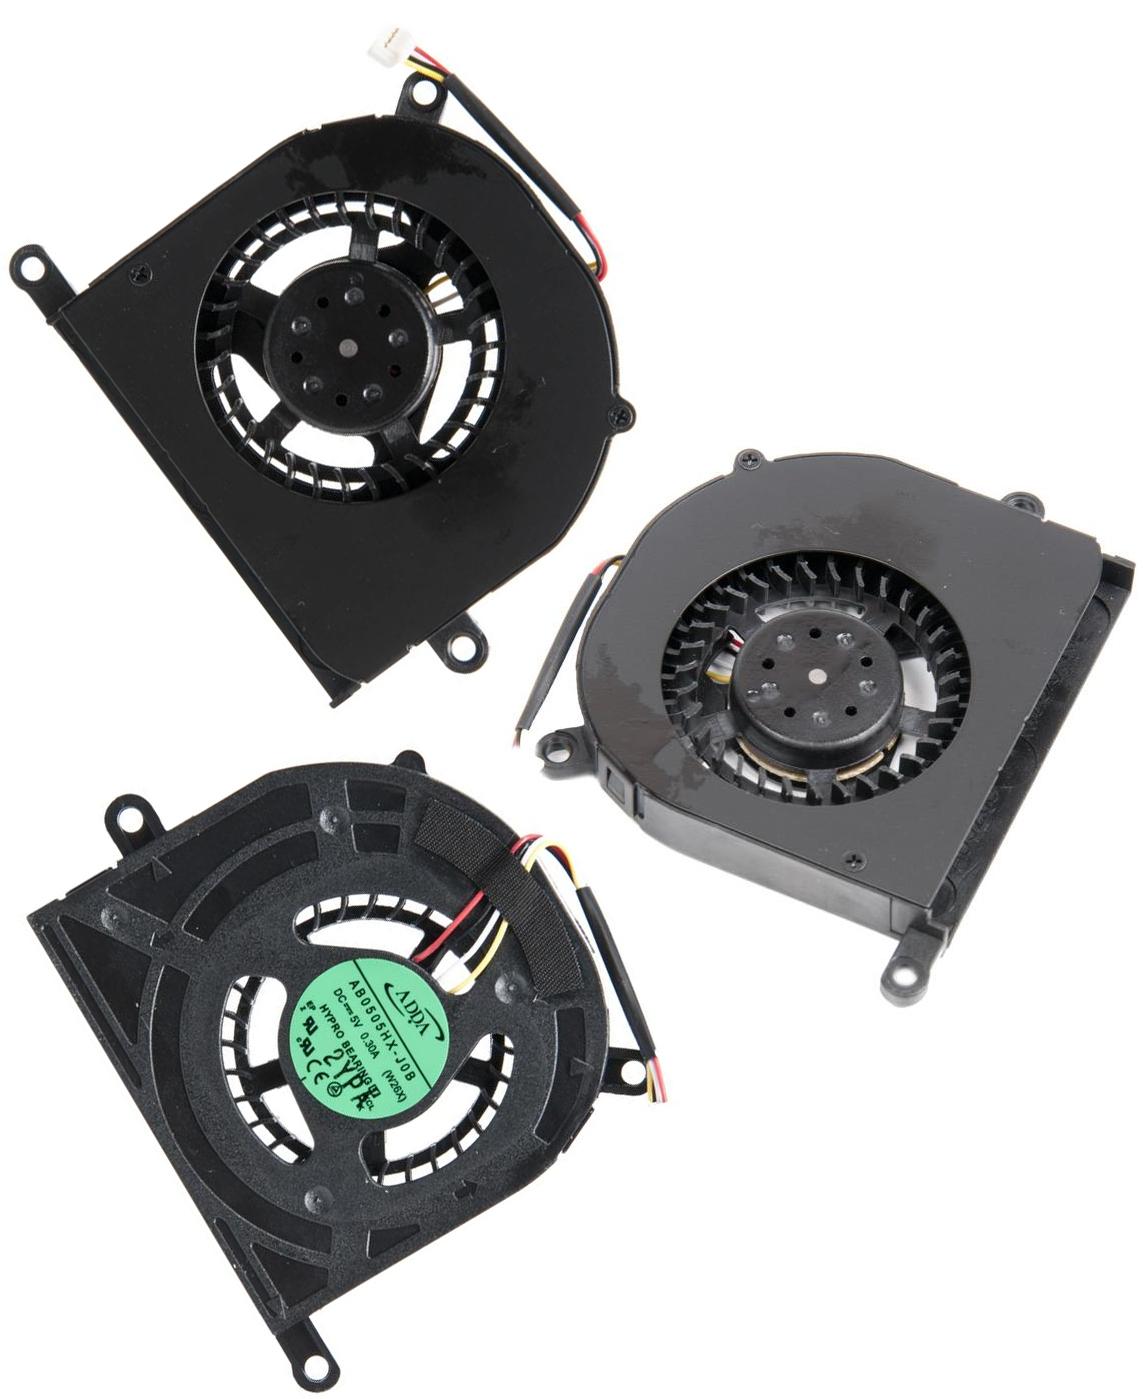 Кулер, вентилятор для ноутбуков HP Pavilion DV2 dv2-1123AX dv2-1000 dv2-1100 dv2-1200 dv3, Presario CQ35 Series (для AMD), p/n: AB0505HX-J0B 10014189V